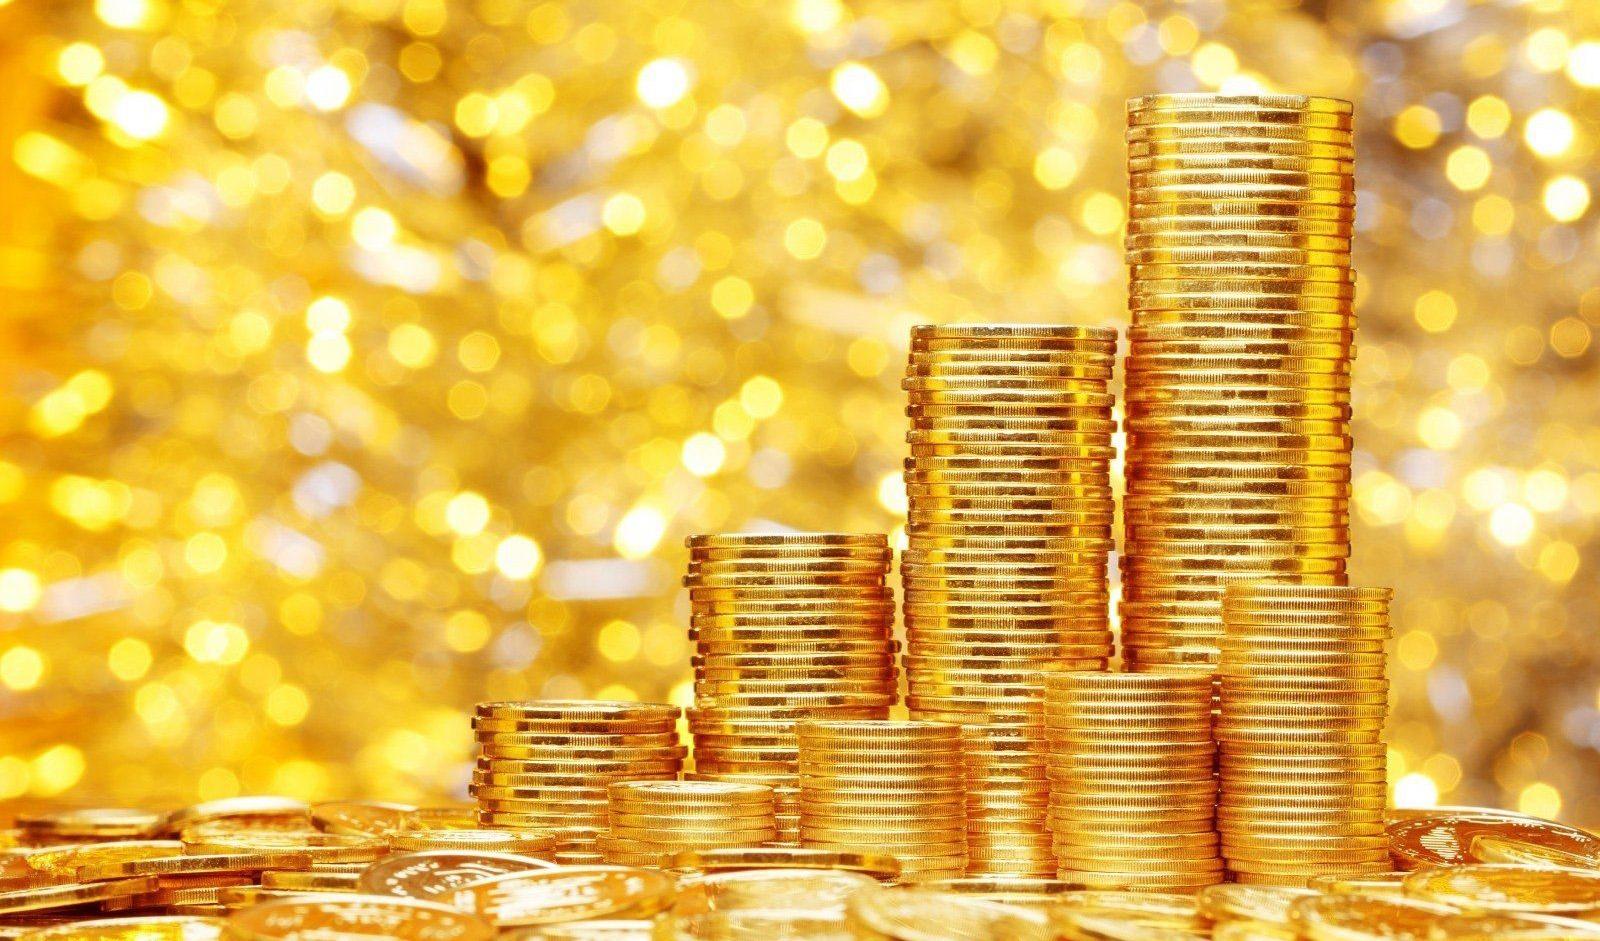 طلا در آستانه ورود به کانال ۶۰۰ هزار تومانی / قیمت سکه و دلار امروز ۹۸/۱۲/۳